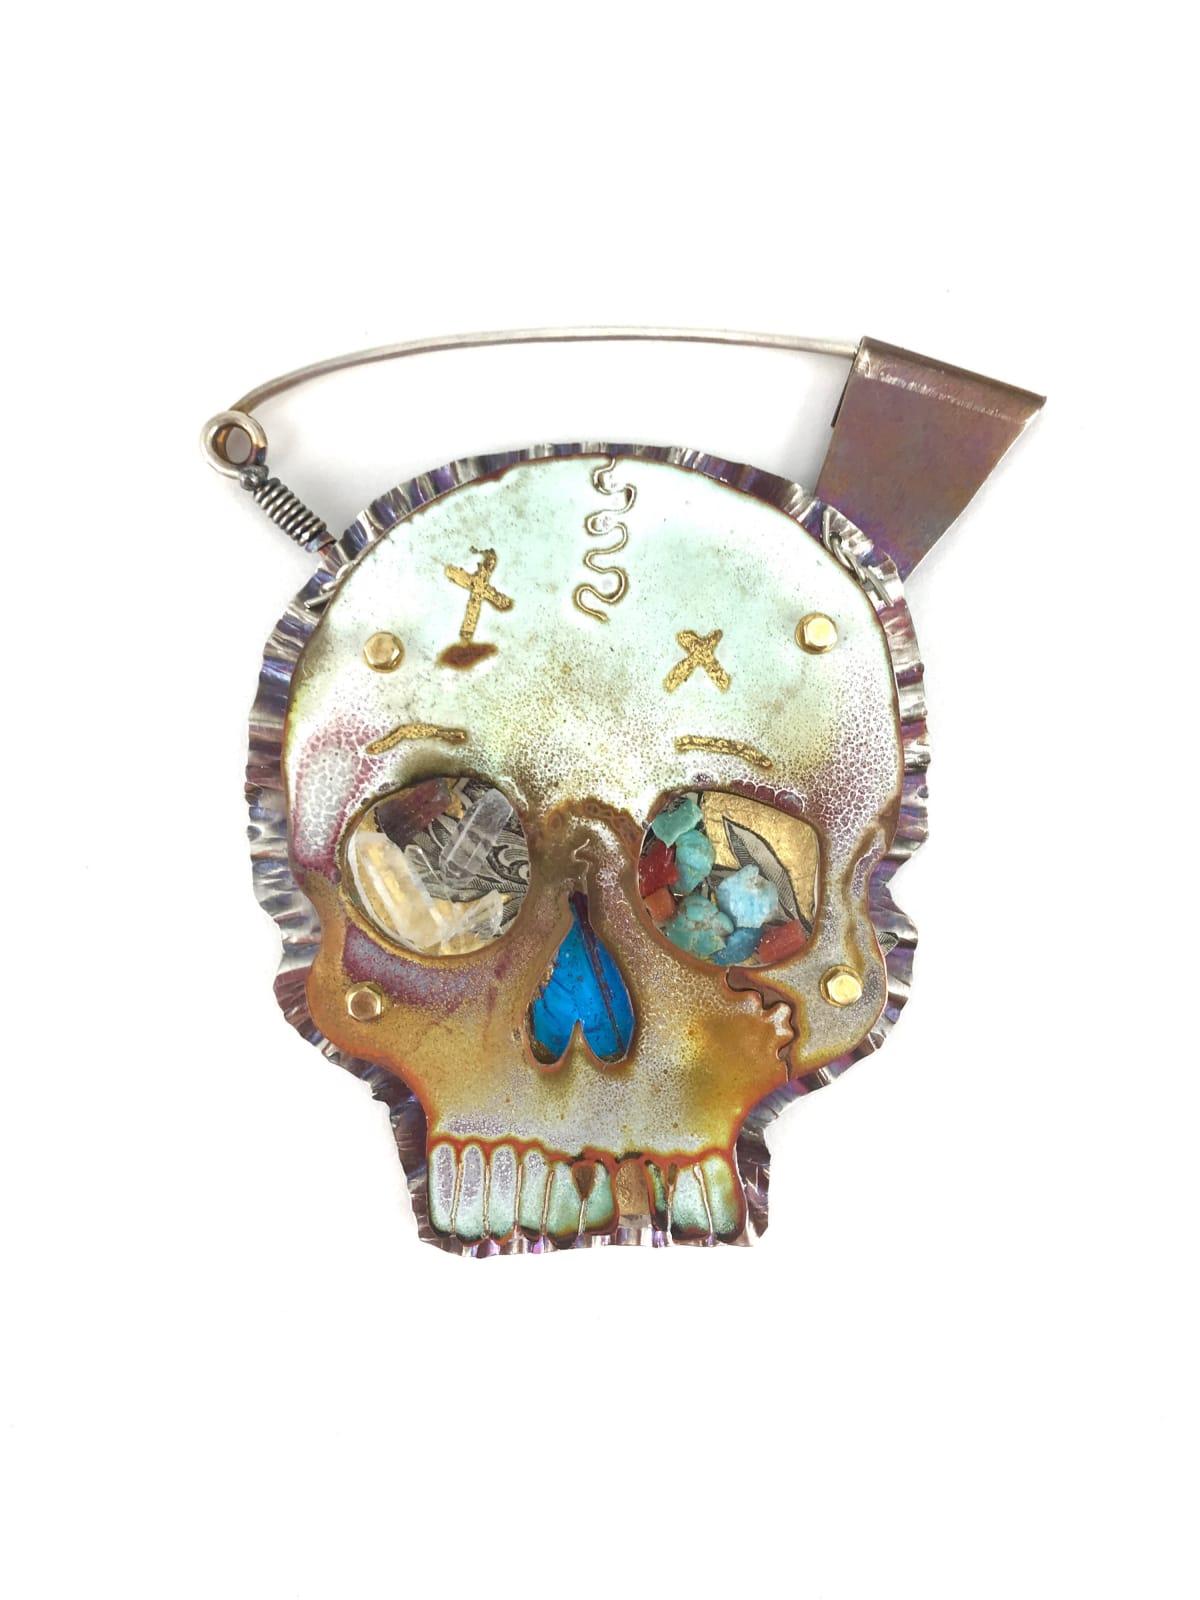 Ken Bova, Santa Fe Smitten Skull #3, 2019